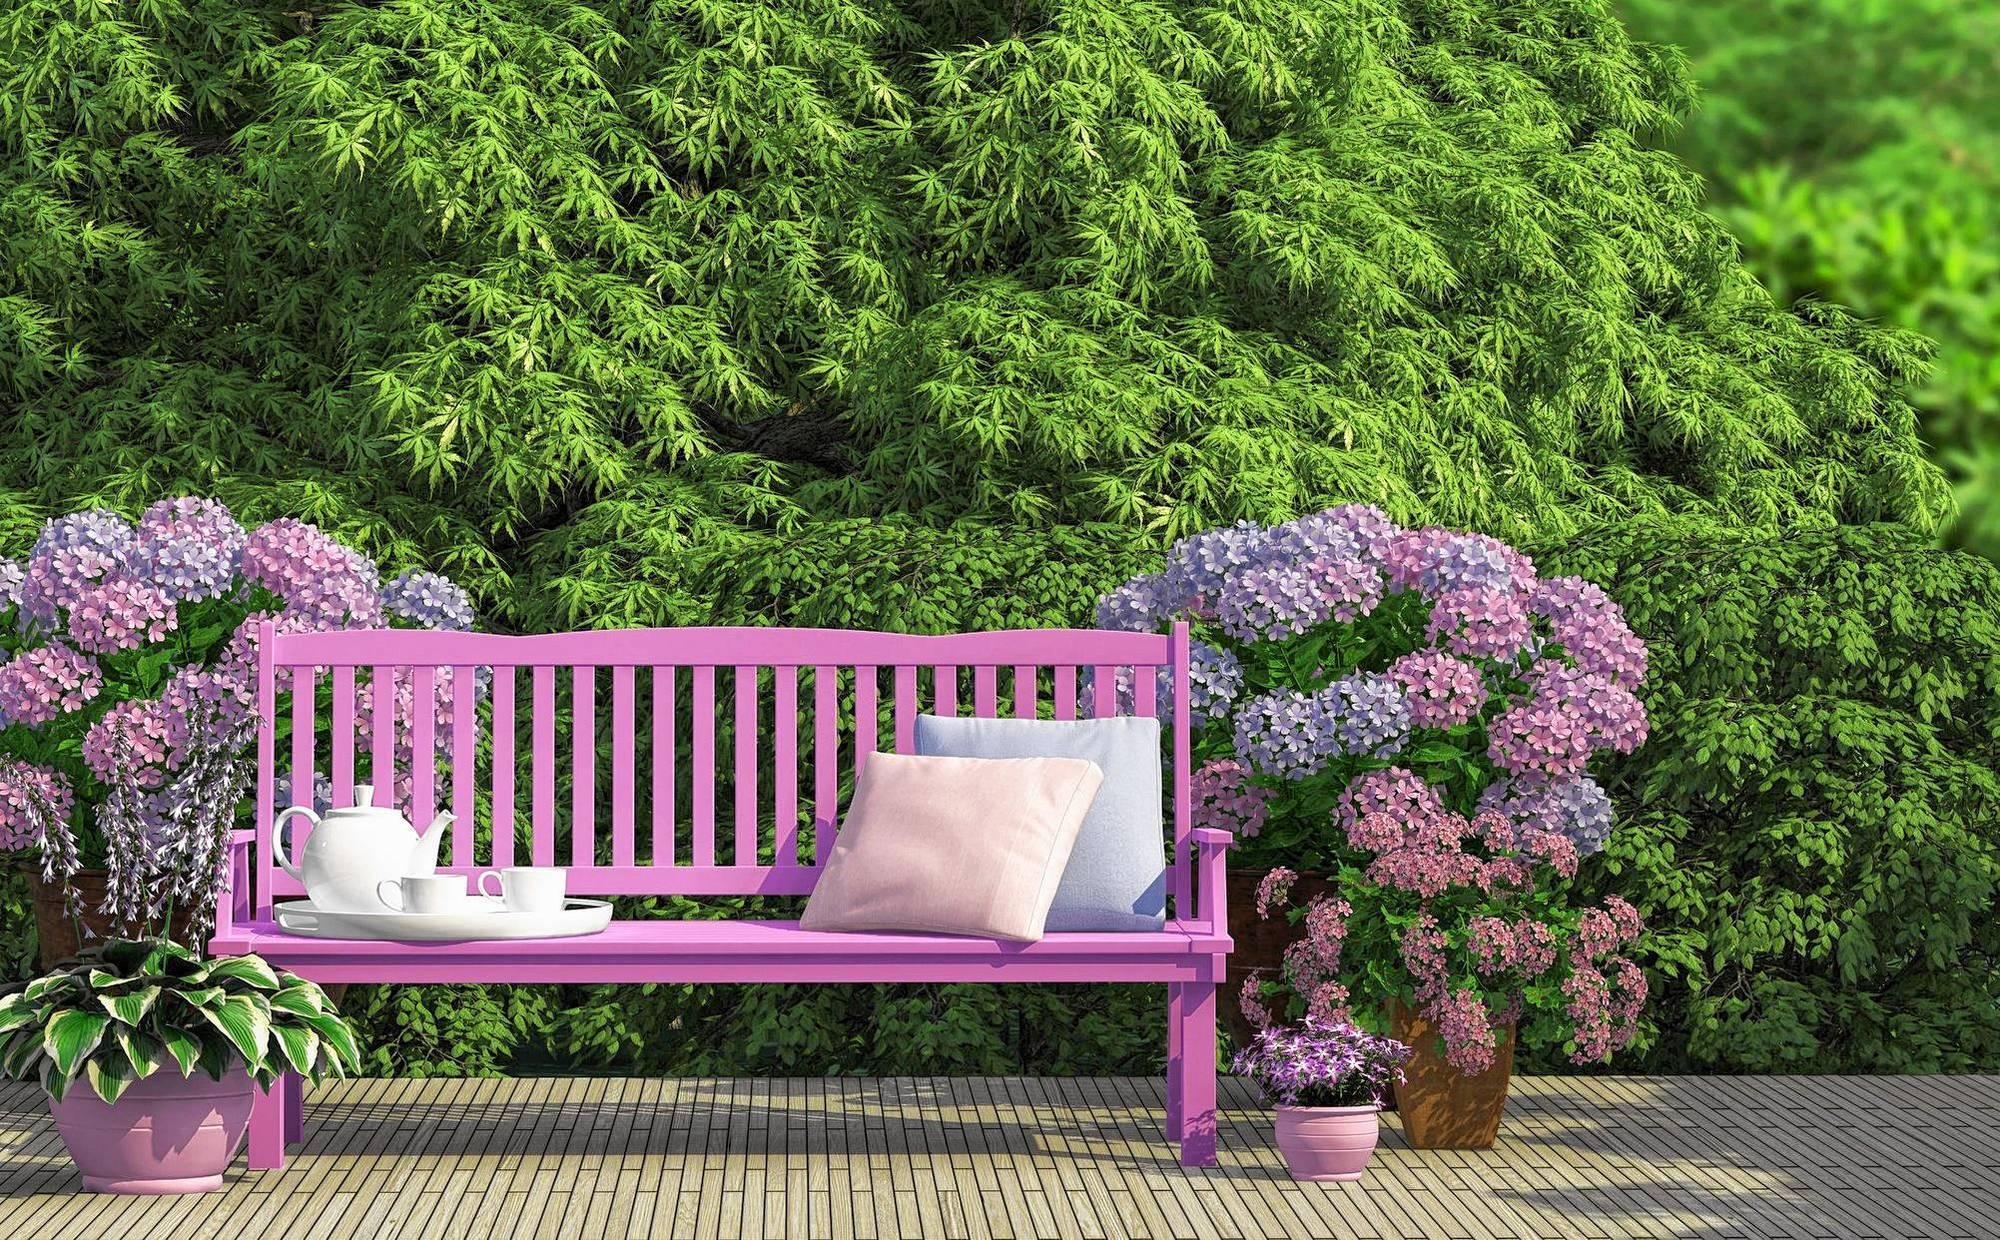 fn suchen selbst gestaltete balkone und terrassen rhein main neckar region fnweb. Black Bedroom Furniture Sets. Home Design Ideas